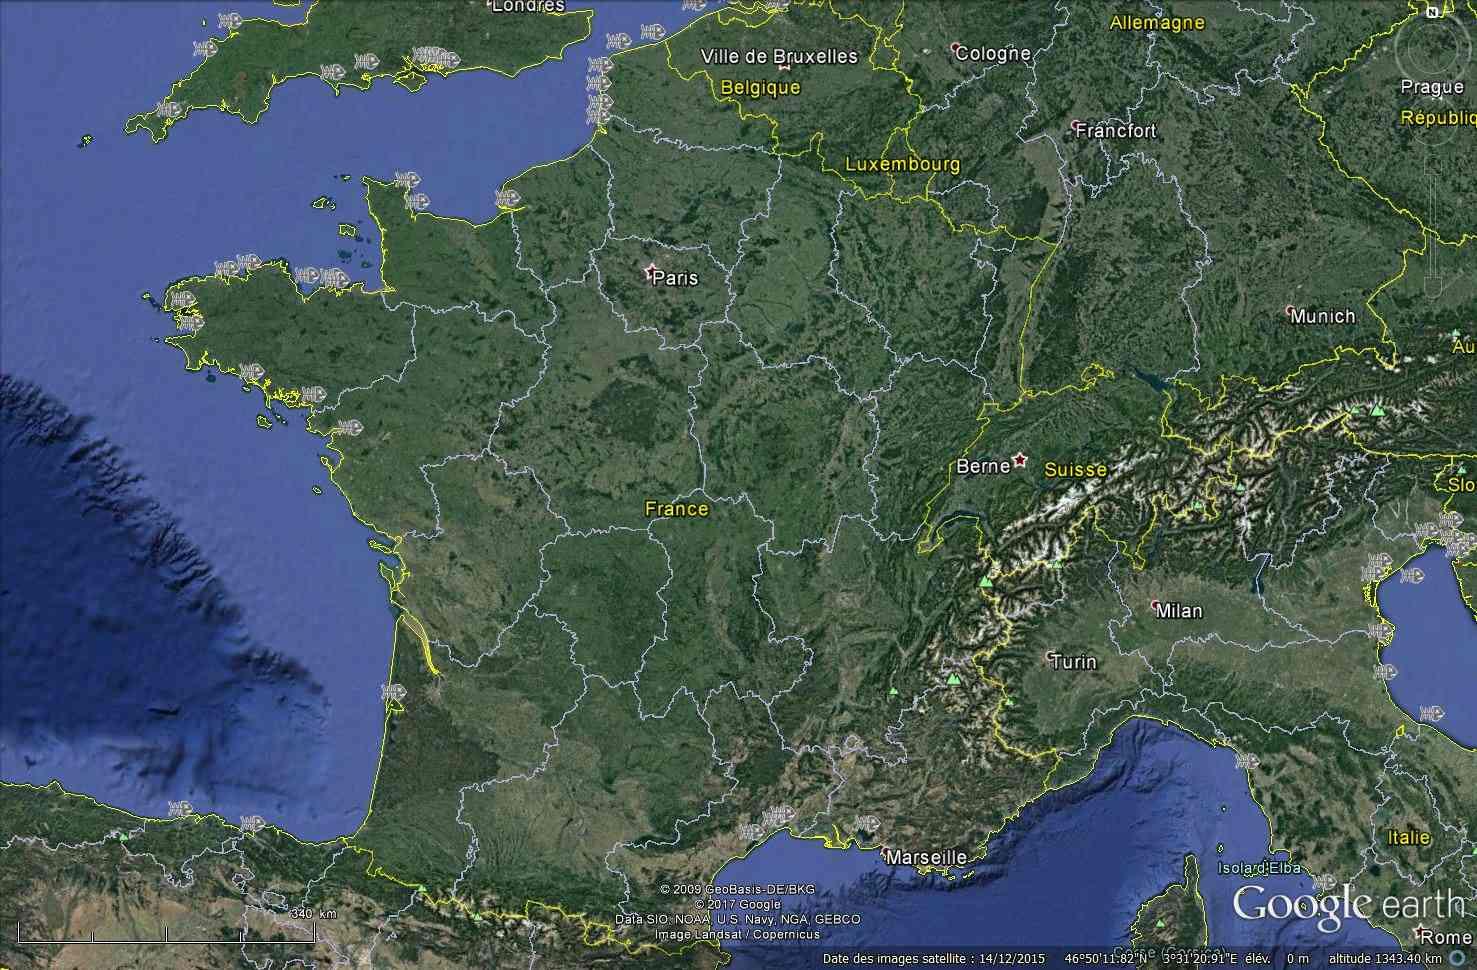 La France sous toutes ses coutures avec Google Earth - Page 6 Tsge_017